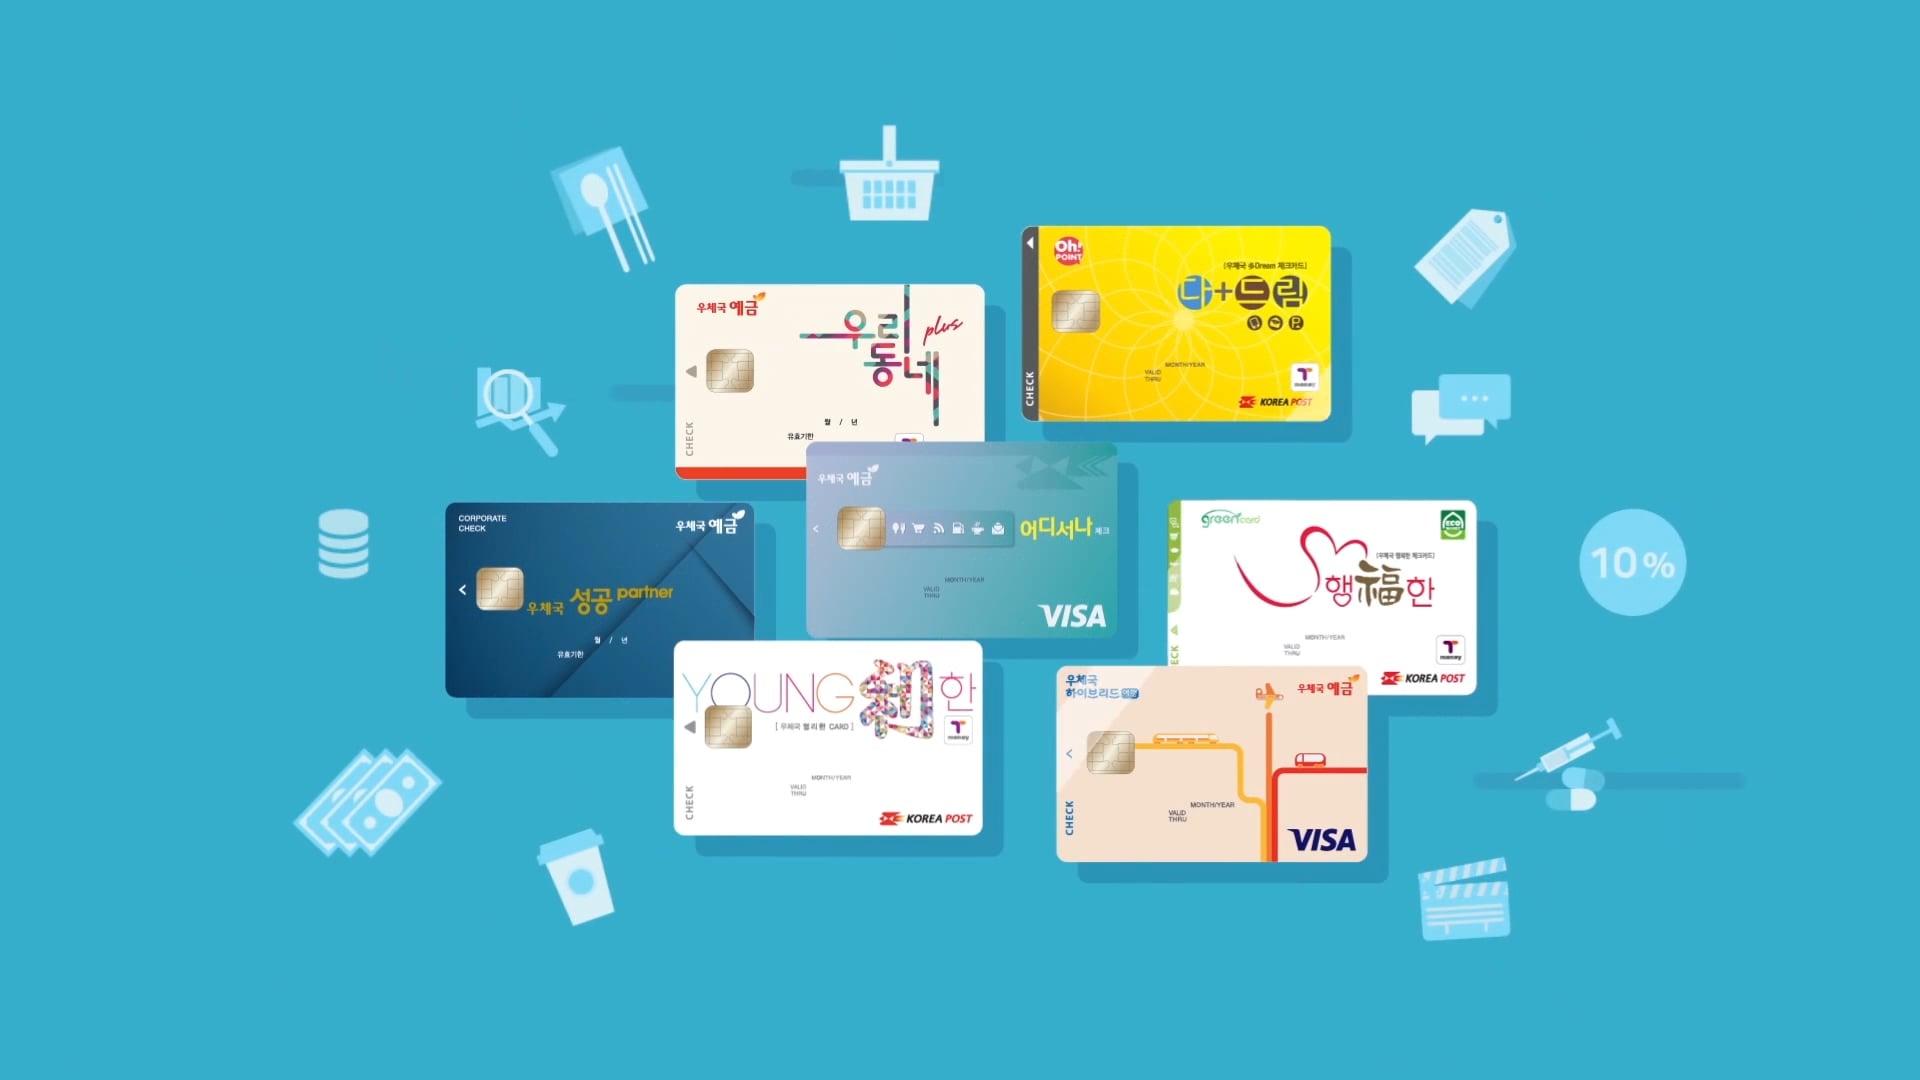 [우정사업본부] 우체국카드 런칭 홍보영상